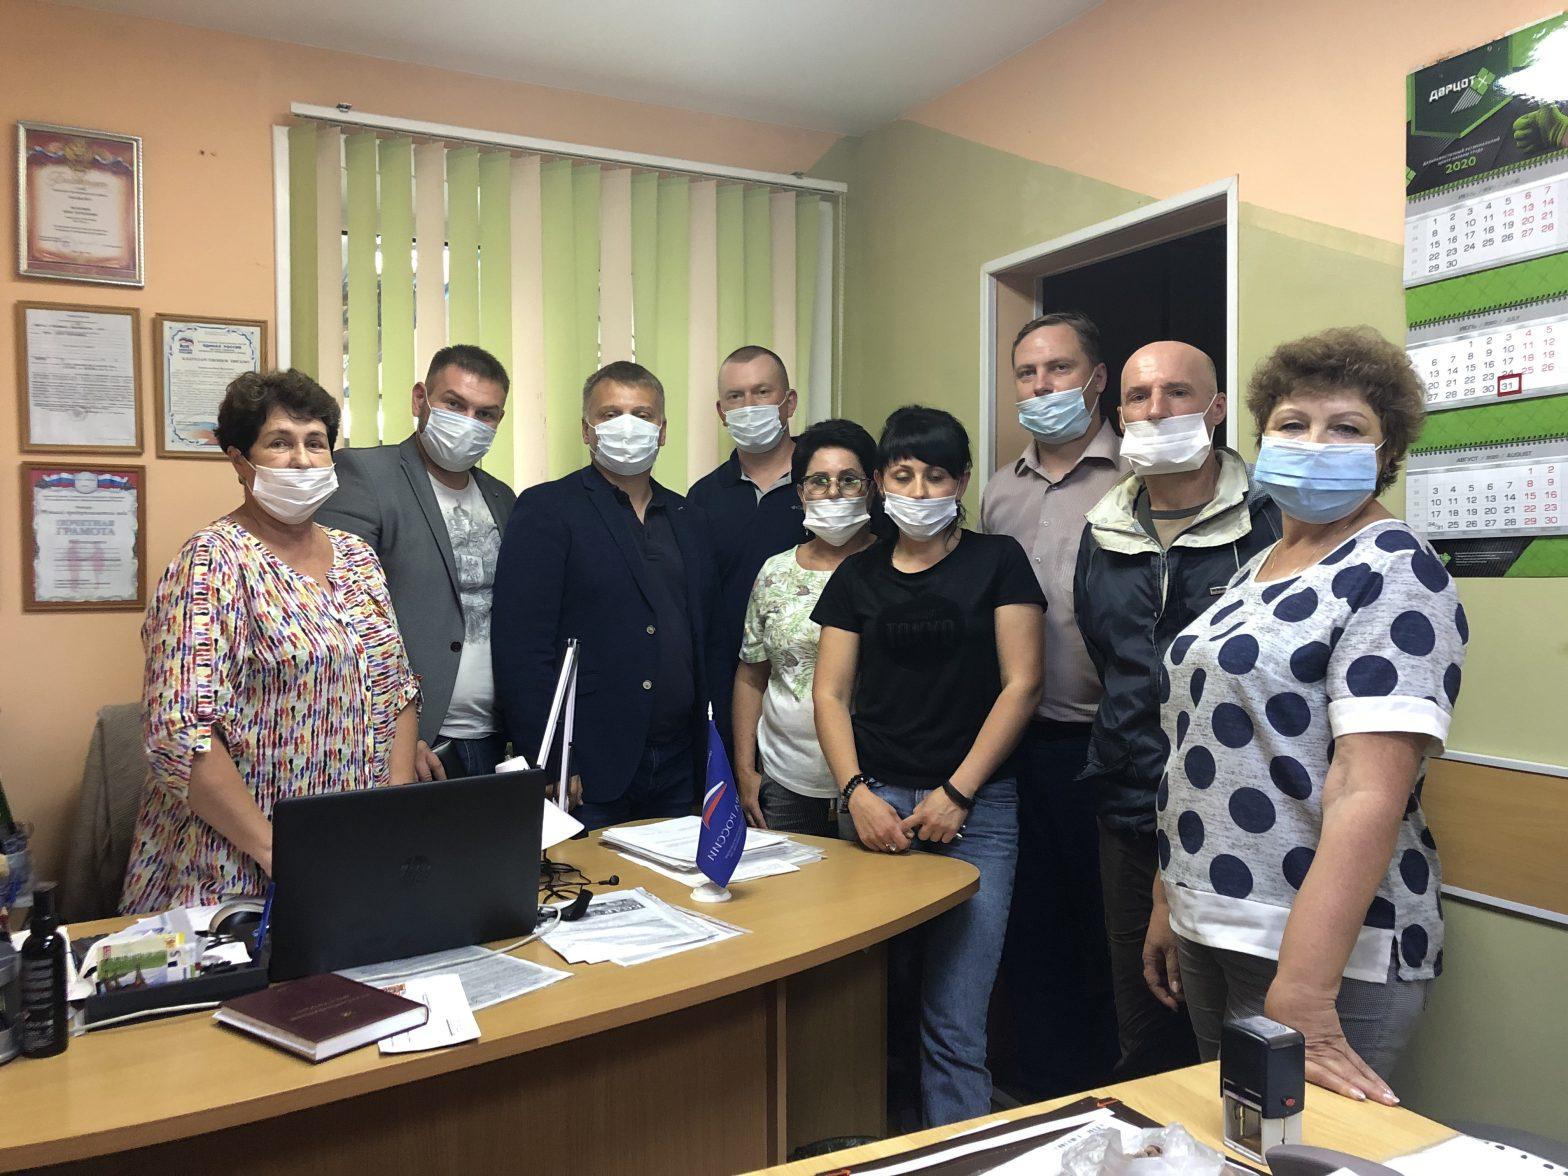 6 августа состоялось отчетно-выборное собрание Хасанского местного отделения Приморского краевого отделения «ОПОРЫ РОССИИ».